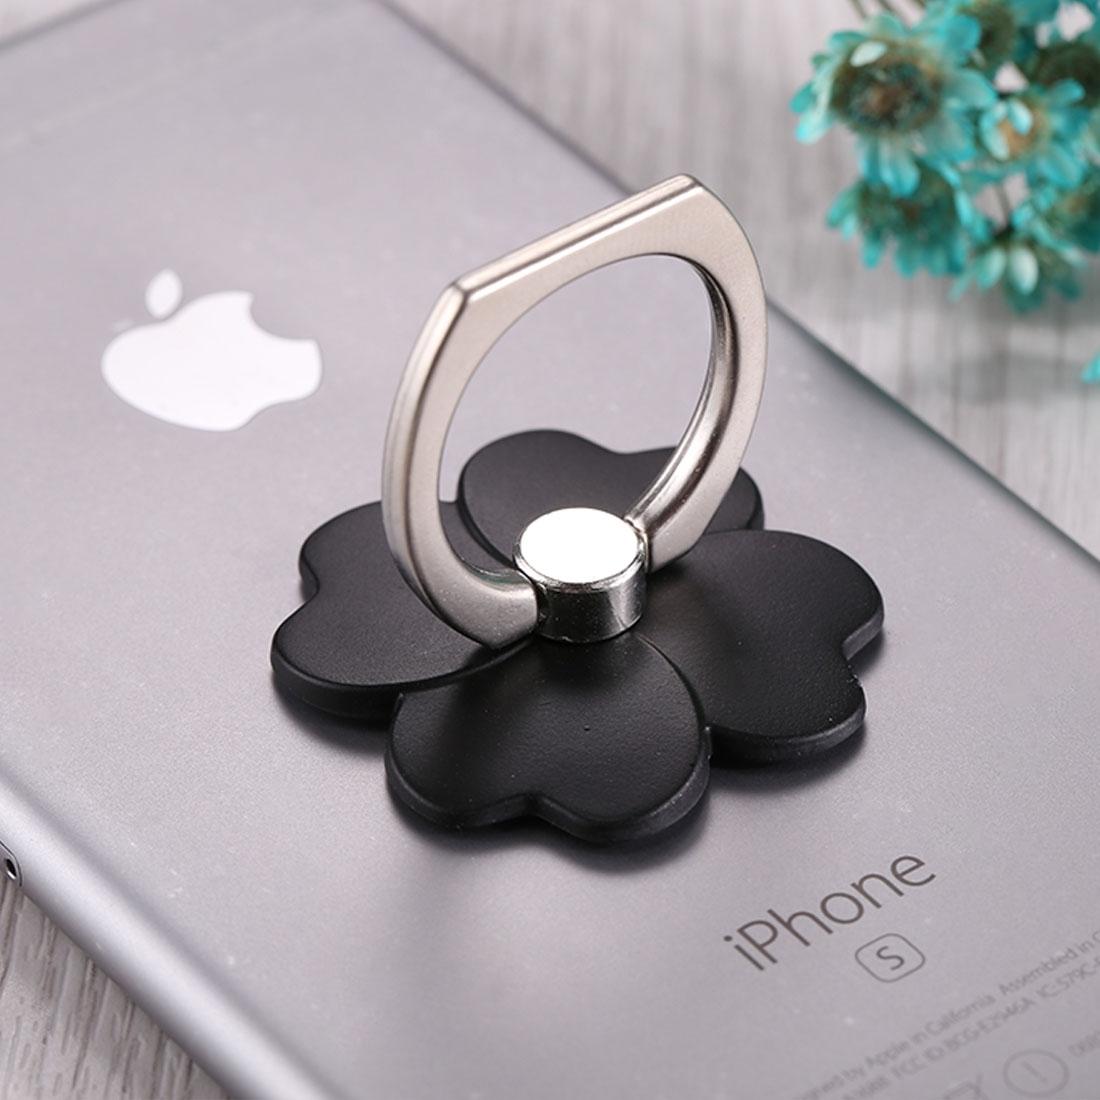 FLOWER Kovový držák / stojan na telefon černý